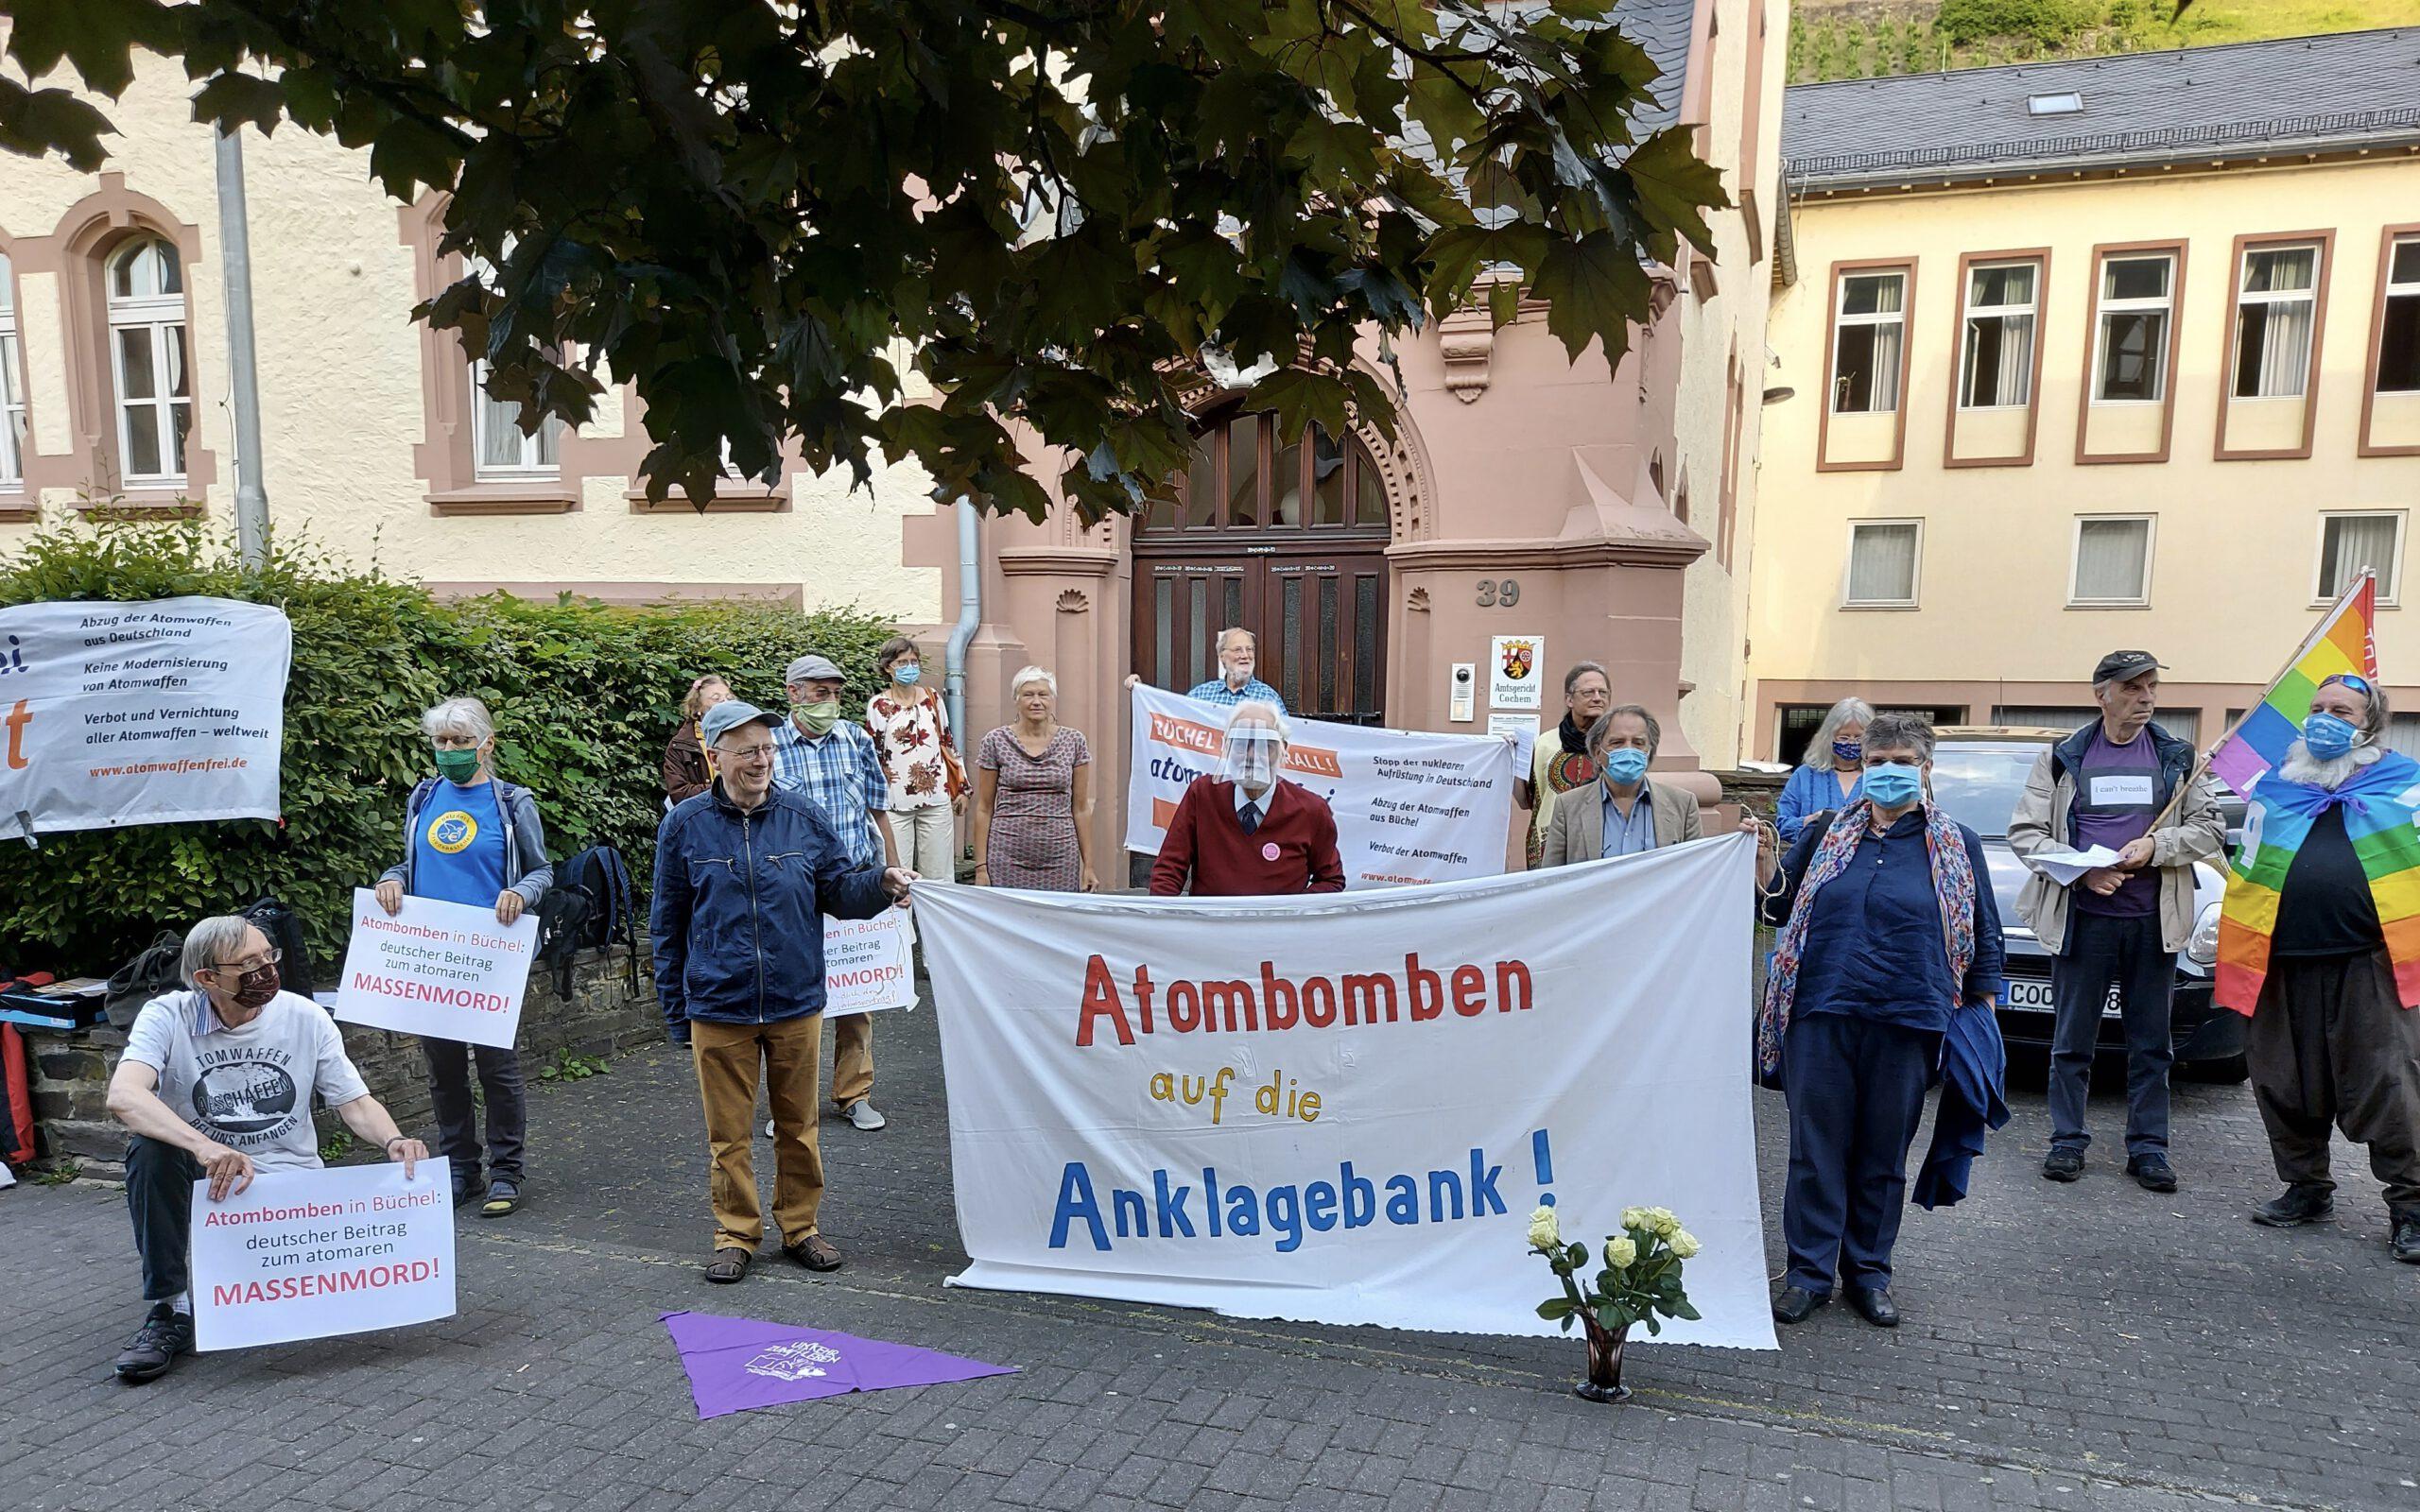 """Eine Gruppe Menschen mit Mundschutz steht verteilt hinter und neben einem Stoffbanner mit der Aufschrift """"Atombomben auf die Anklagebank!"""". Im Hintergrund ein Gebäude mit romantischem Natursteinportal."""